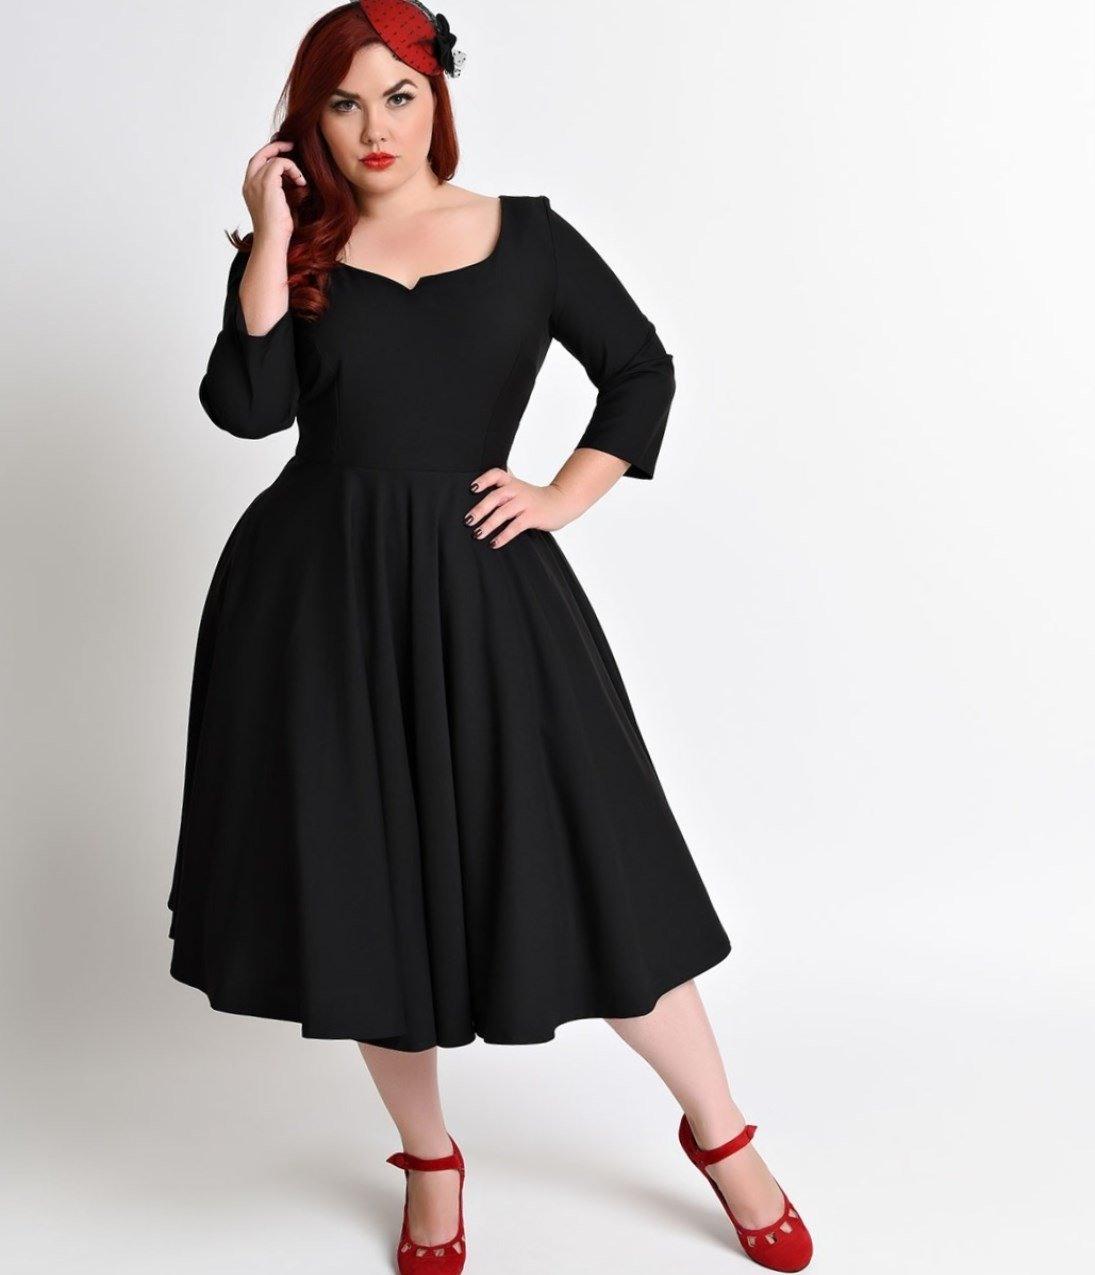 Formal Einzigartig Suche Kleider GalerieAbend Einzigartig Suche Kleider Stylish